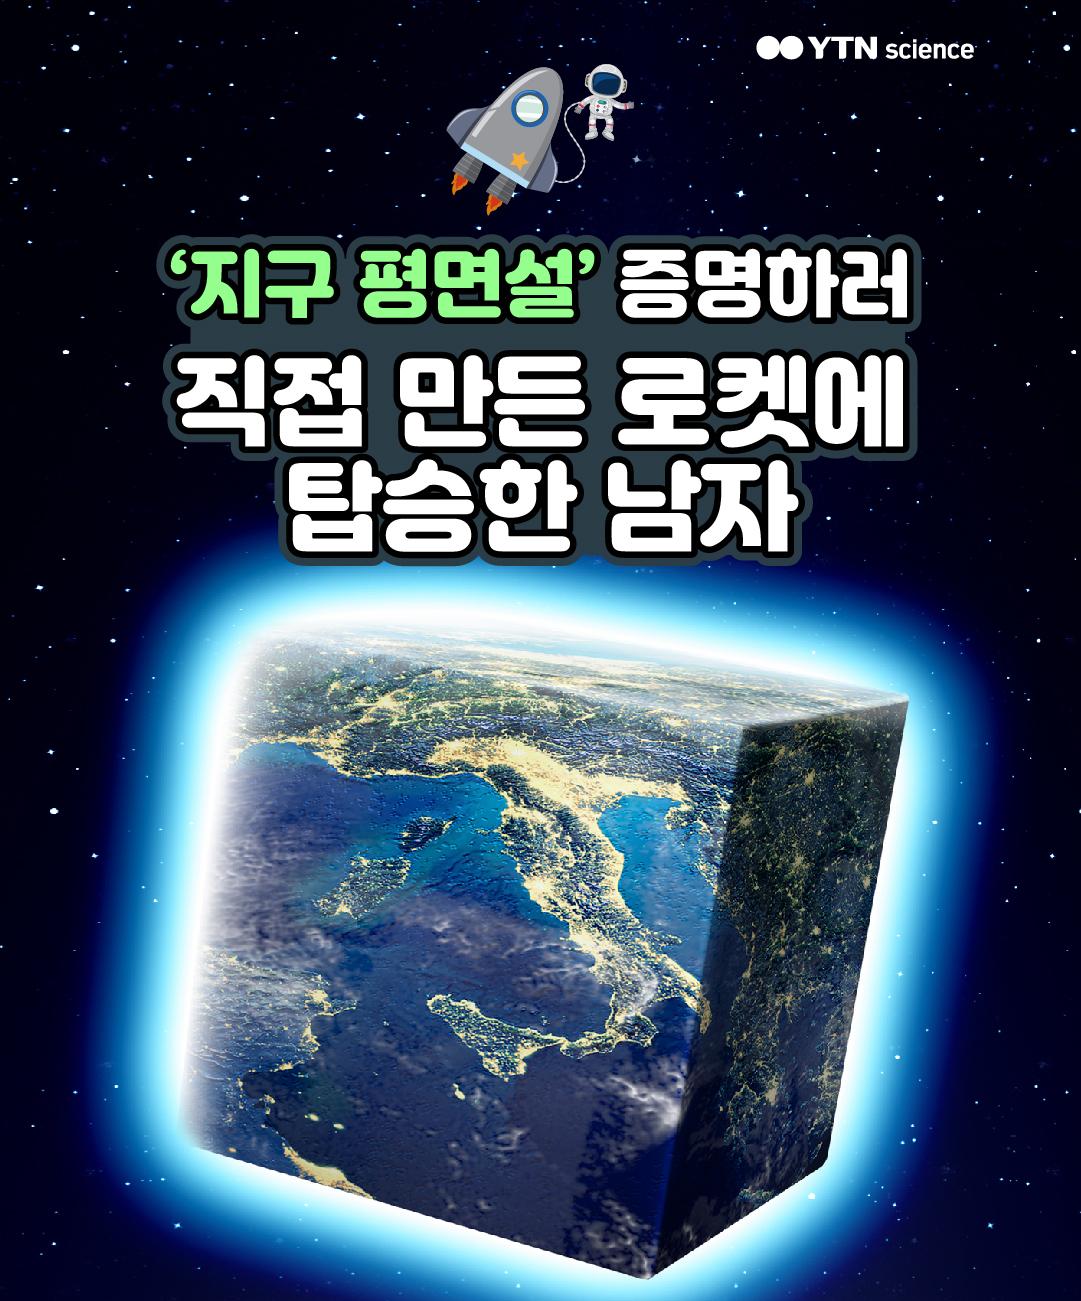 '지구 평면설' 증명하러 직접 만든 로켓에 탑승한 남자 이미지